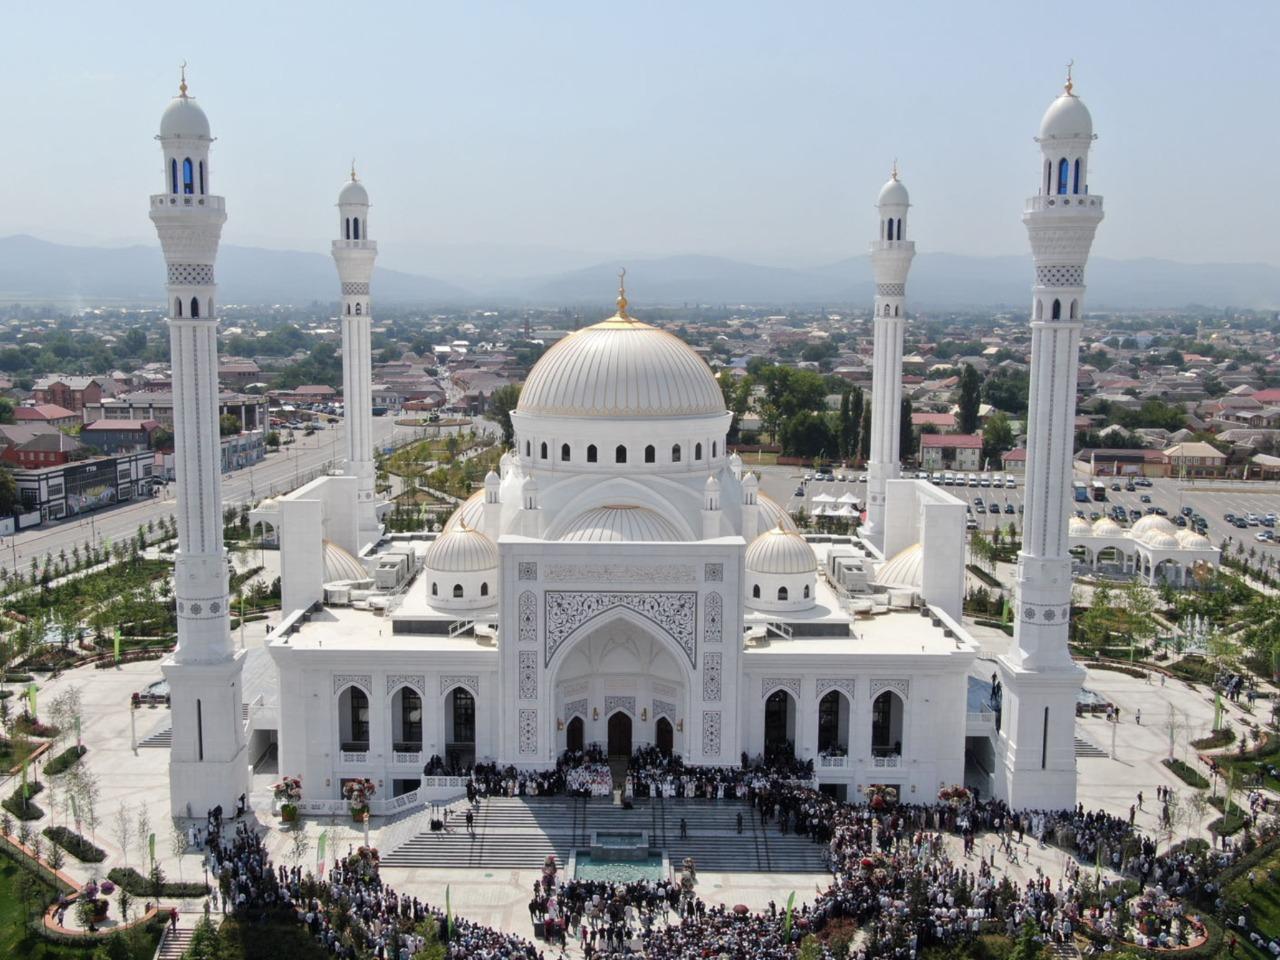 Уникальная архитектура мечетей Чечни - индивидуальная экскурсия в Грозном от опытного гида